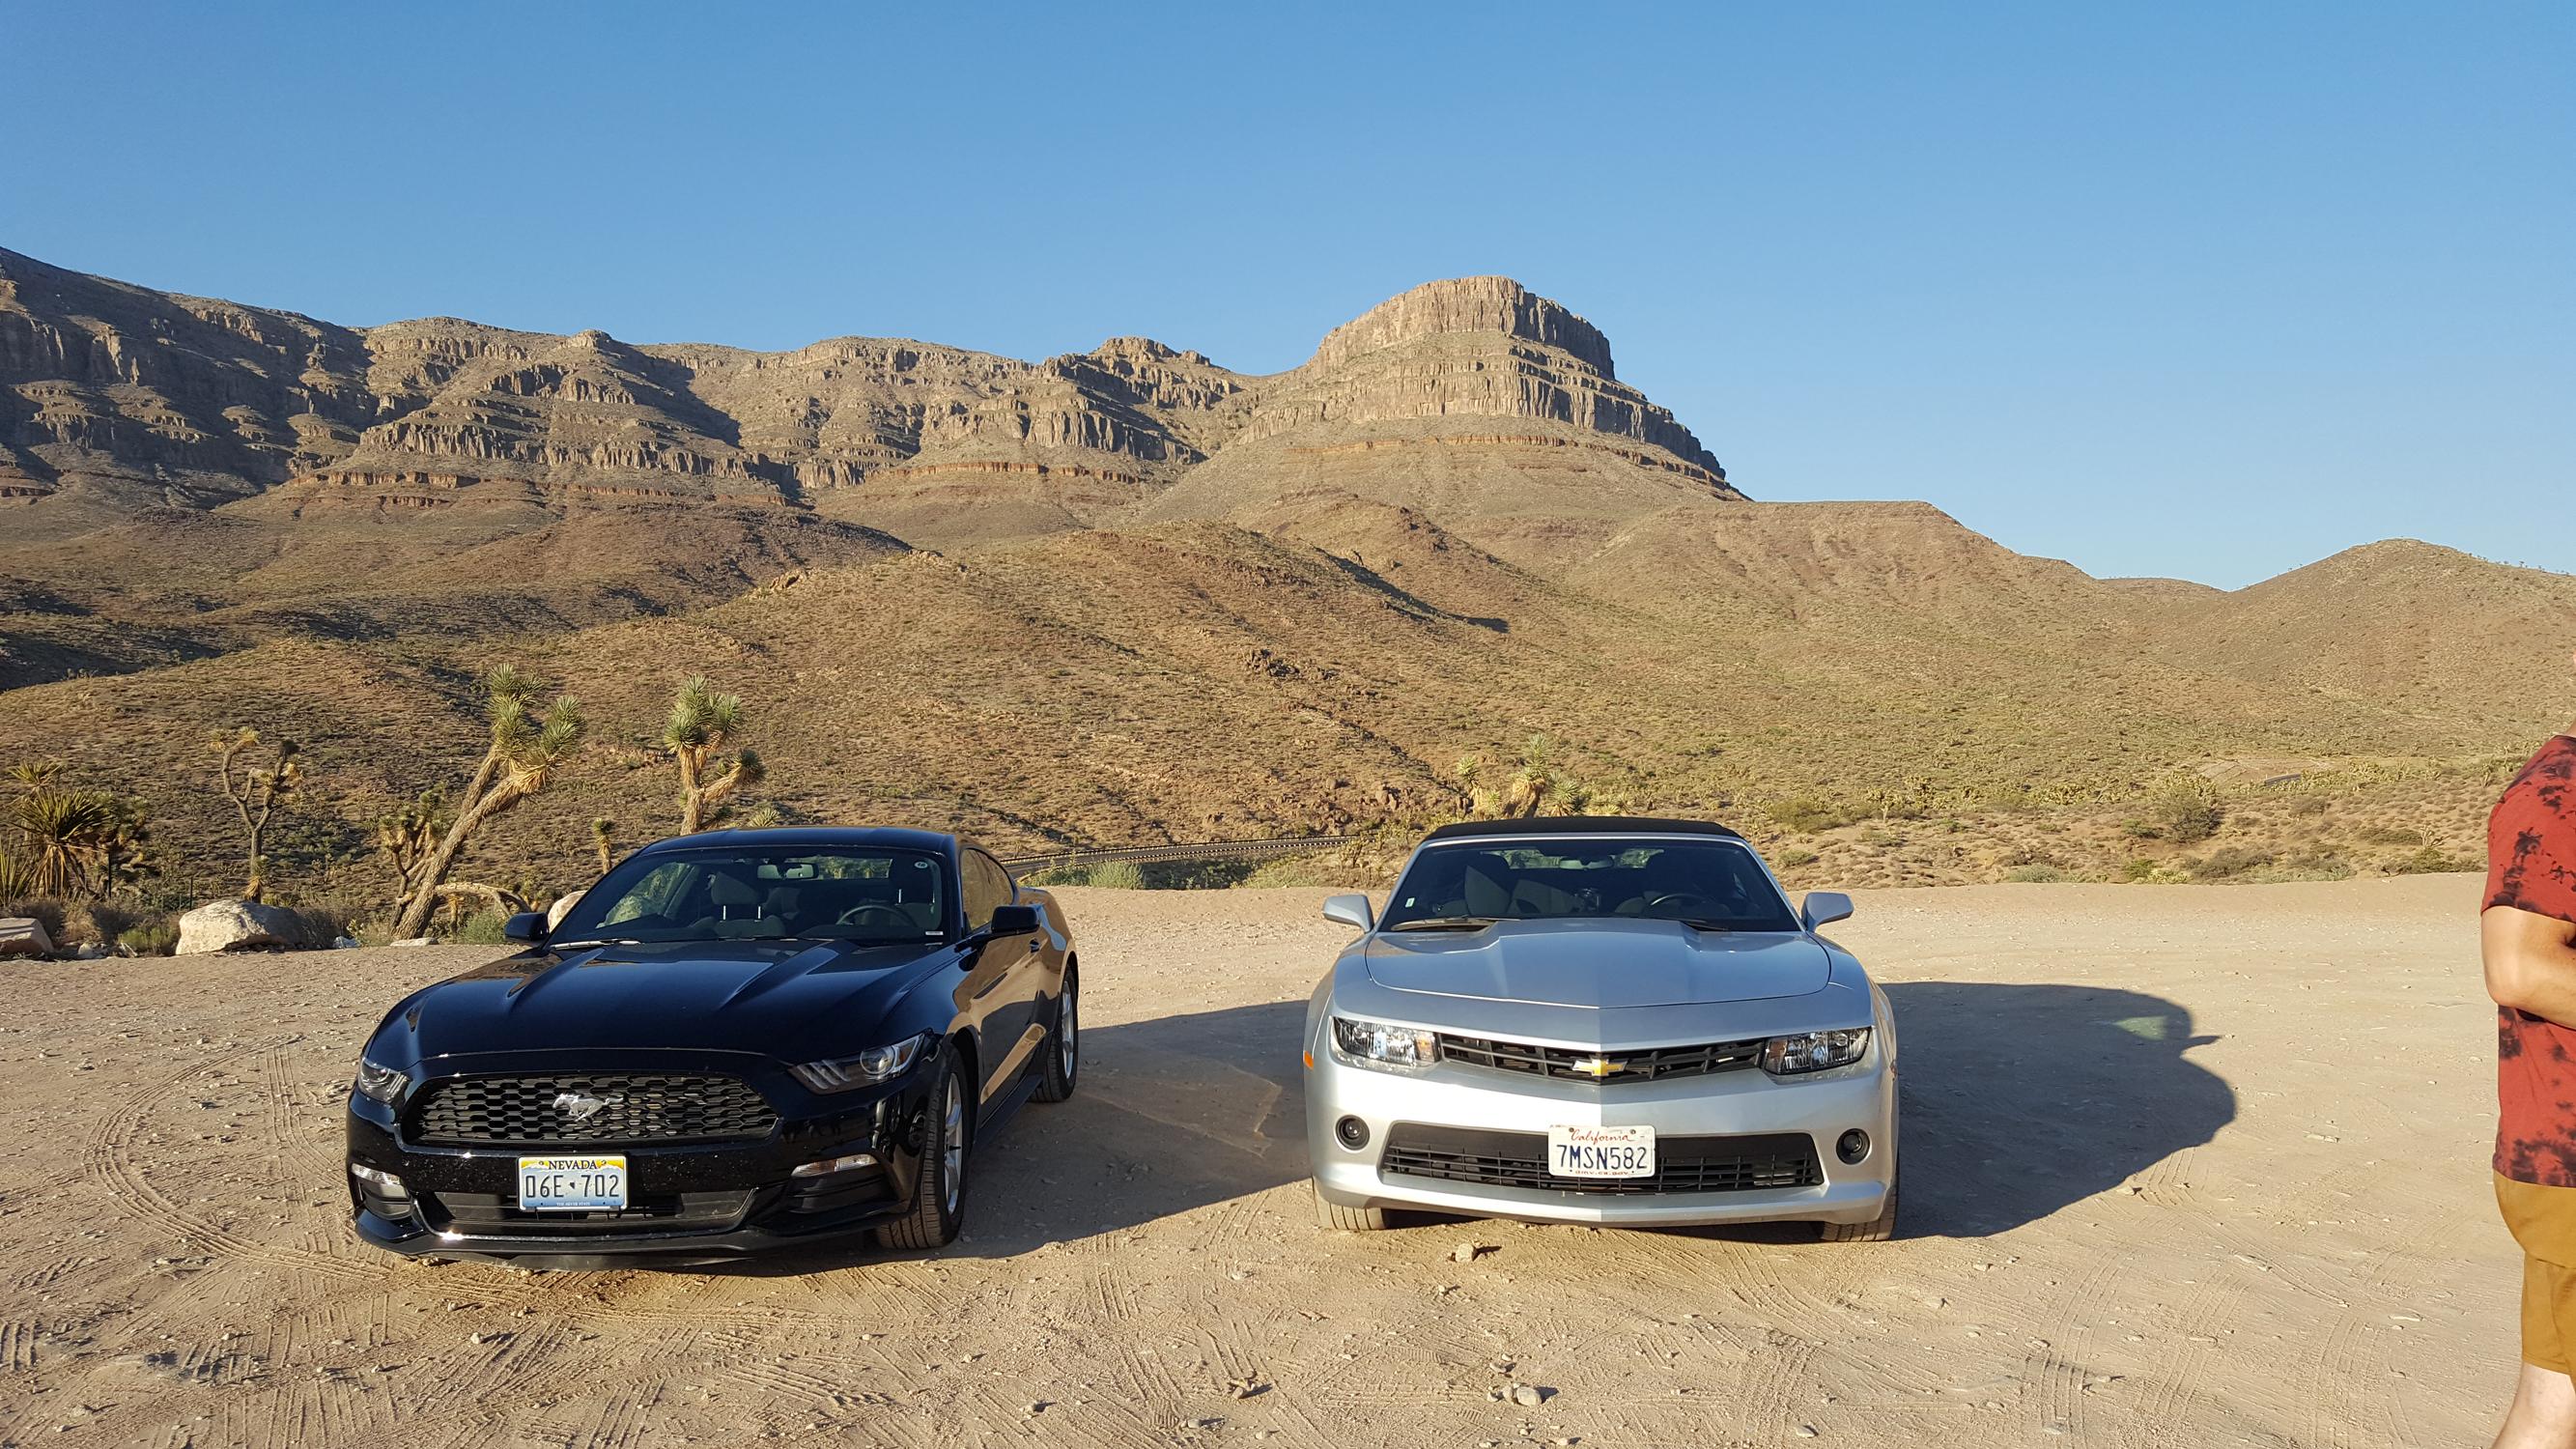 À droite notre voiture (Chevrolet Camaro grise), à gauche celle de Jean-Gui (Ford Mustang noire ou bleue marine)